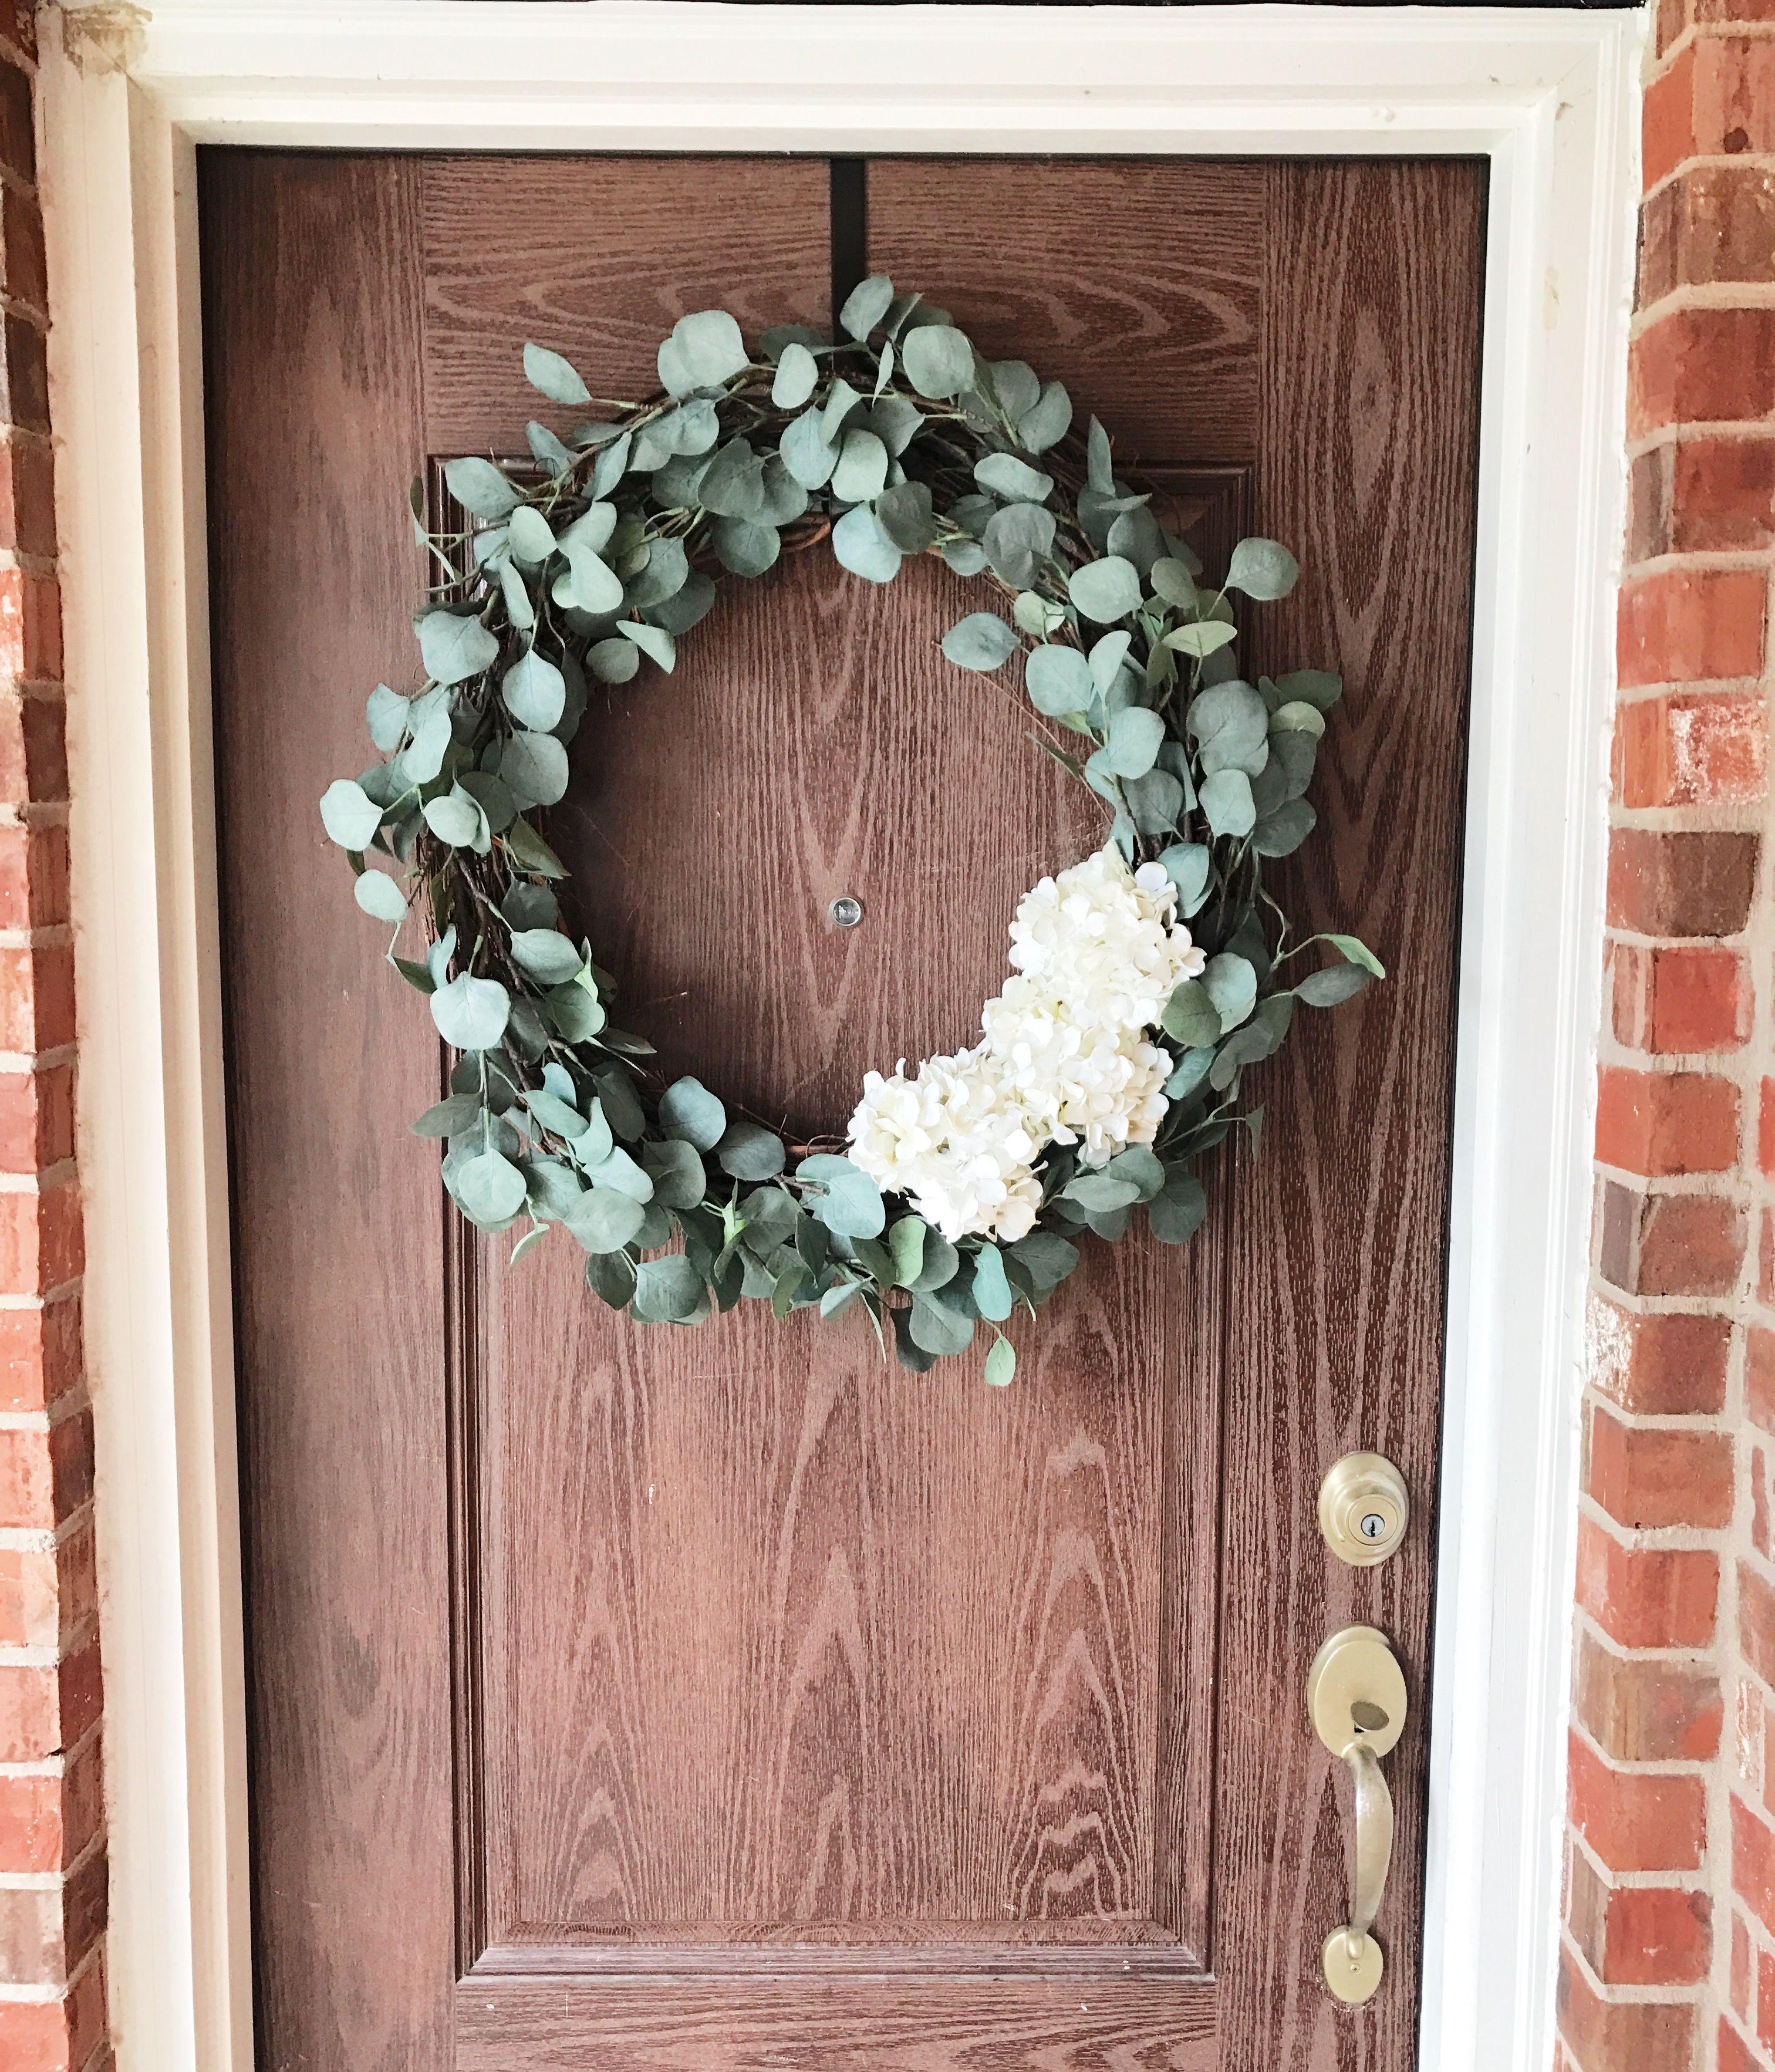 47 Brilliant Faux Flower Fall Arrangements Ideas For Indoors Cluedecor Indoor Wreath Diy Wreath Hobby Lobby Christmas